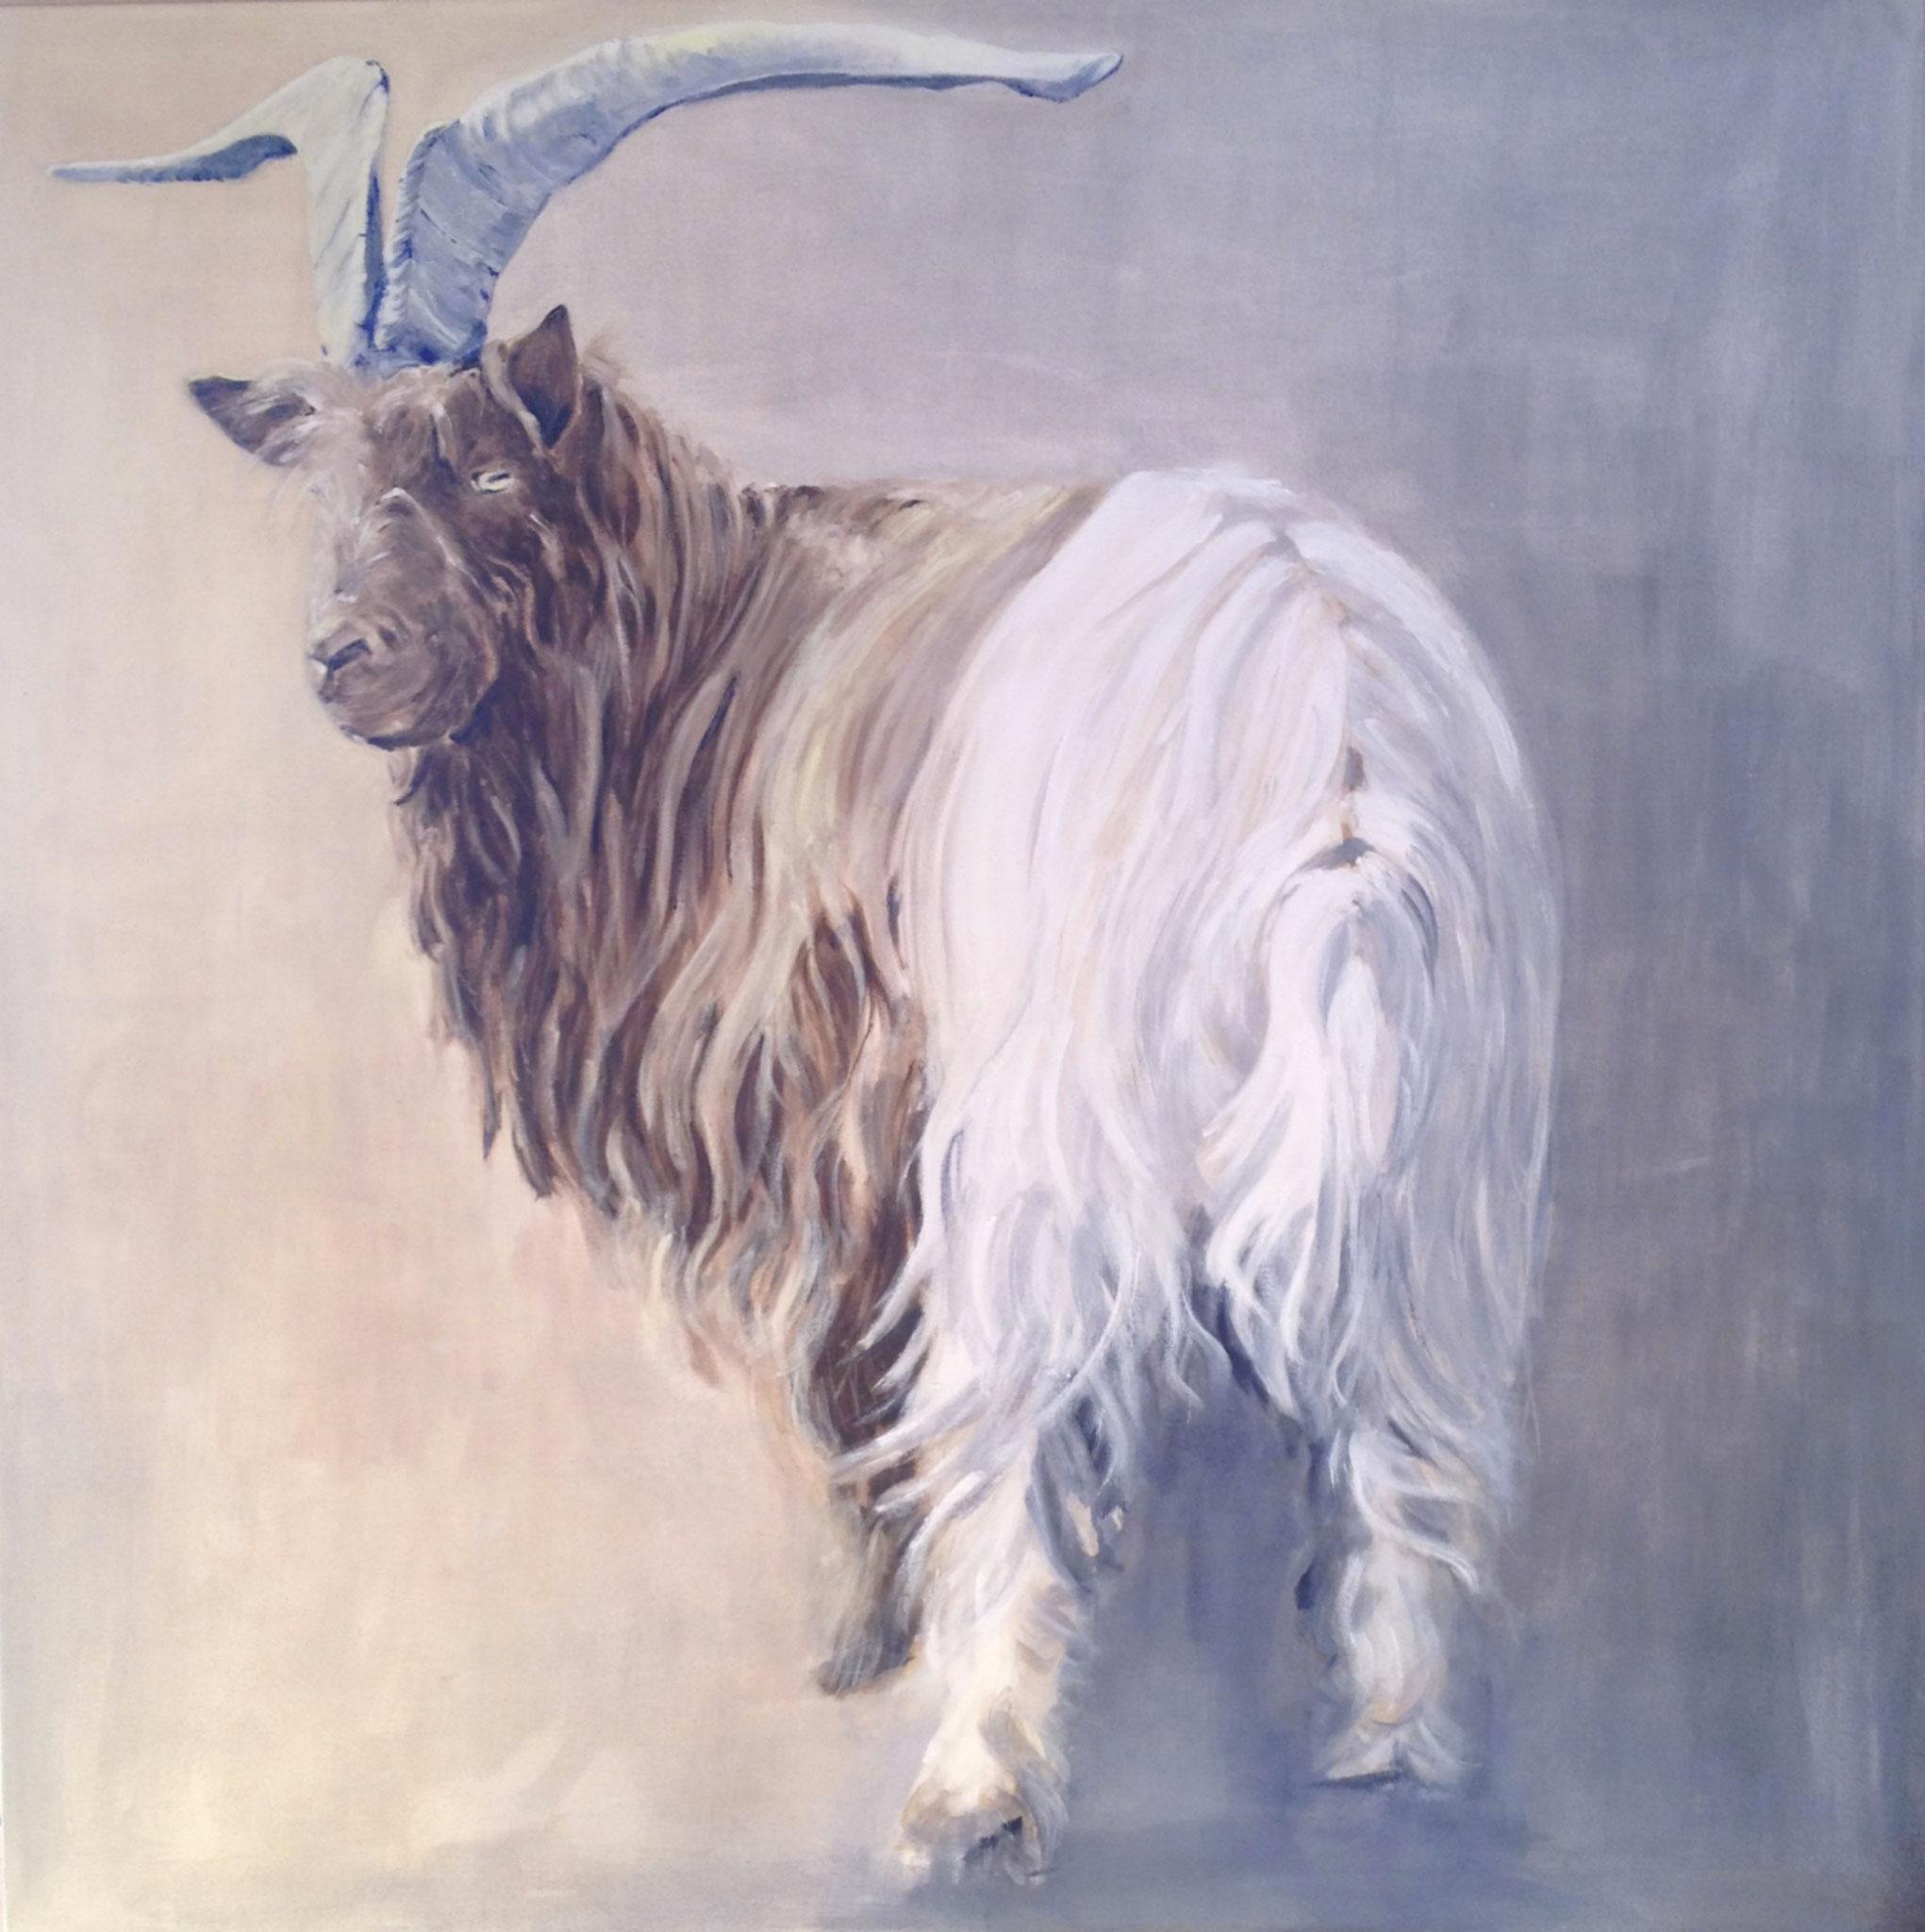 Santos, 140cm x 140cm, Acryl auf Leinwand, 2014, verkauft